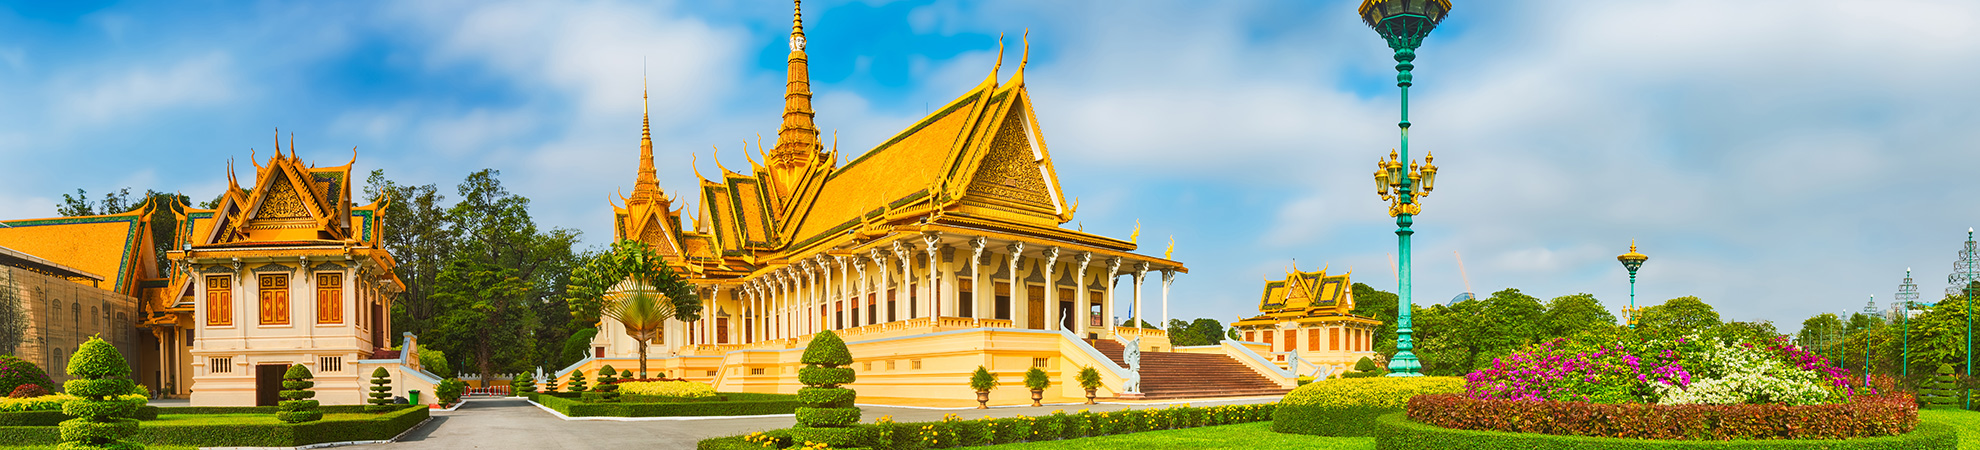 Phnom Penh, Angkor, Siem Reap et les autres richesses du monde à ne pas manquer au pays de Cambodge